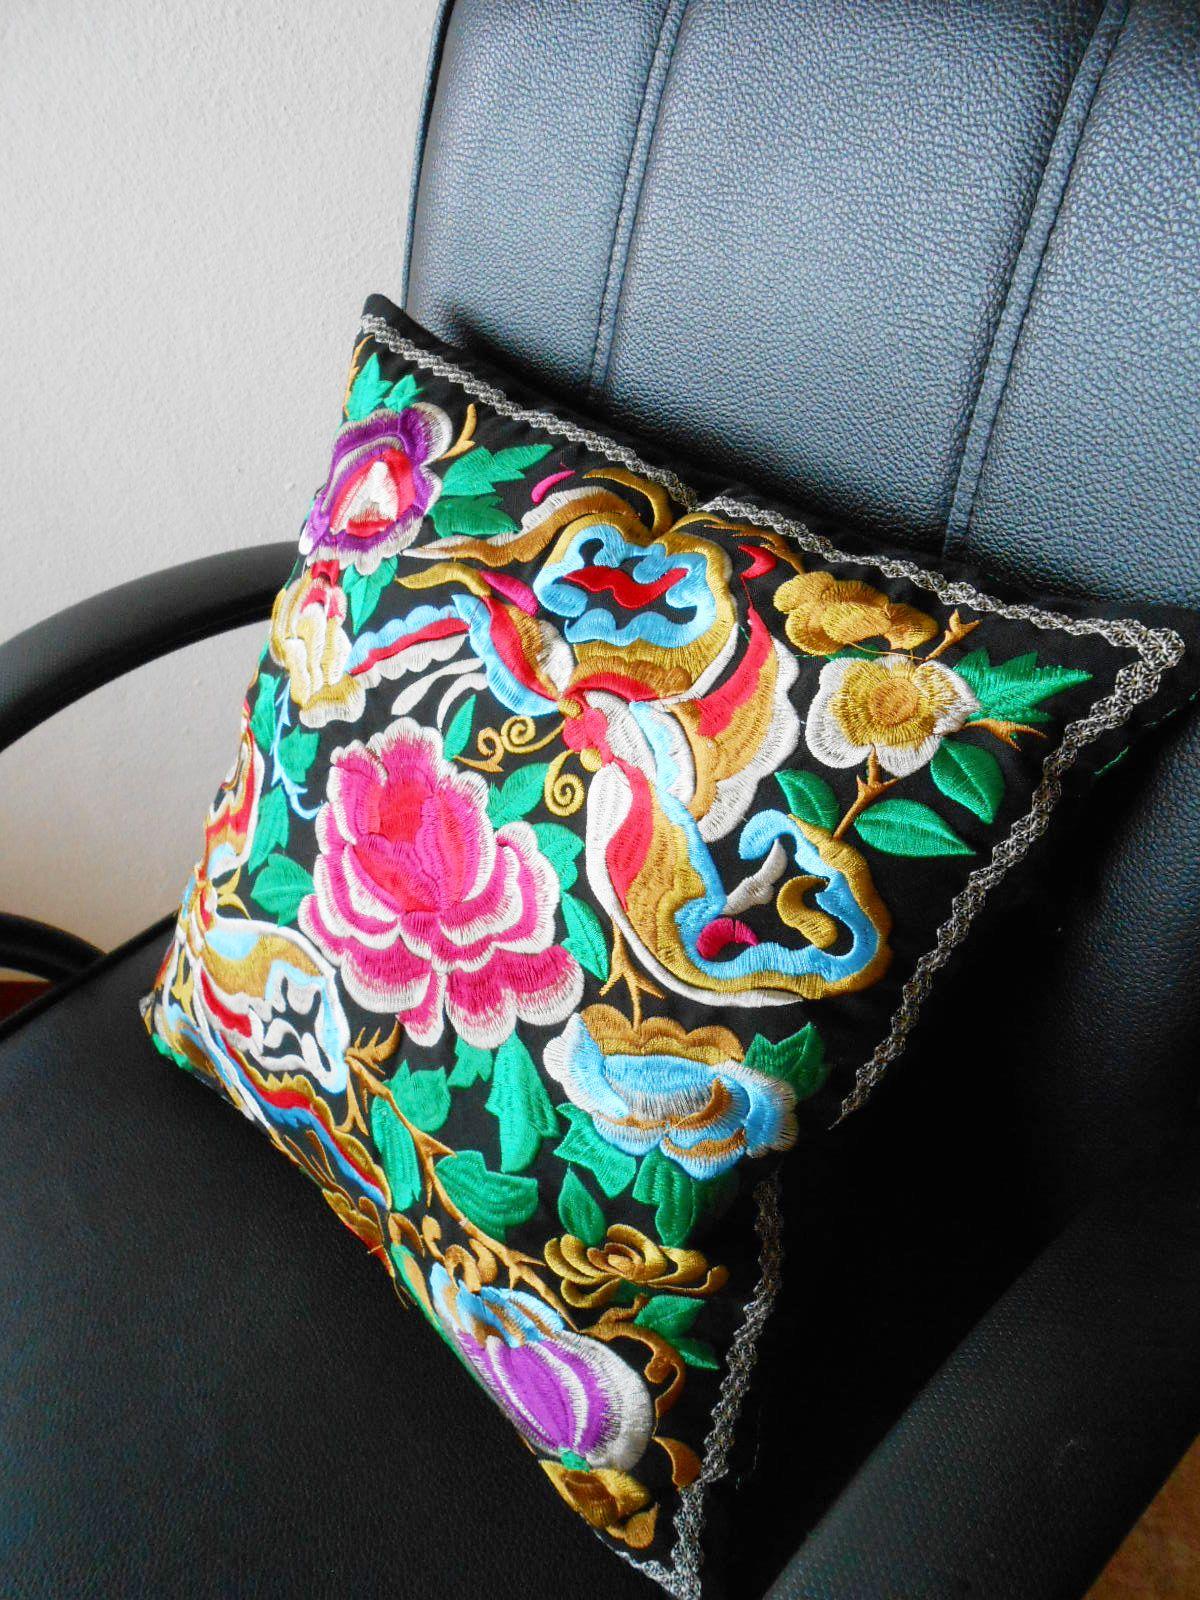 pillow cushion uflower garden u queen beeu handmade exquisite